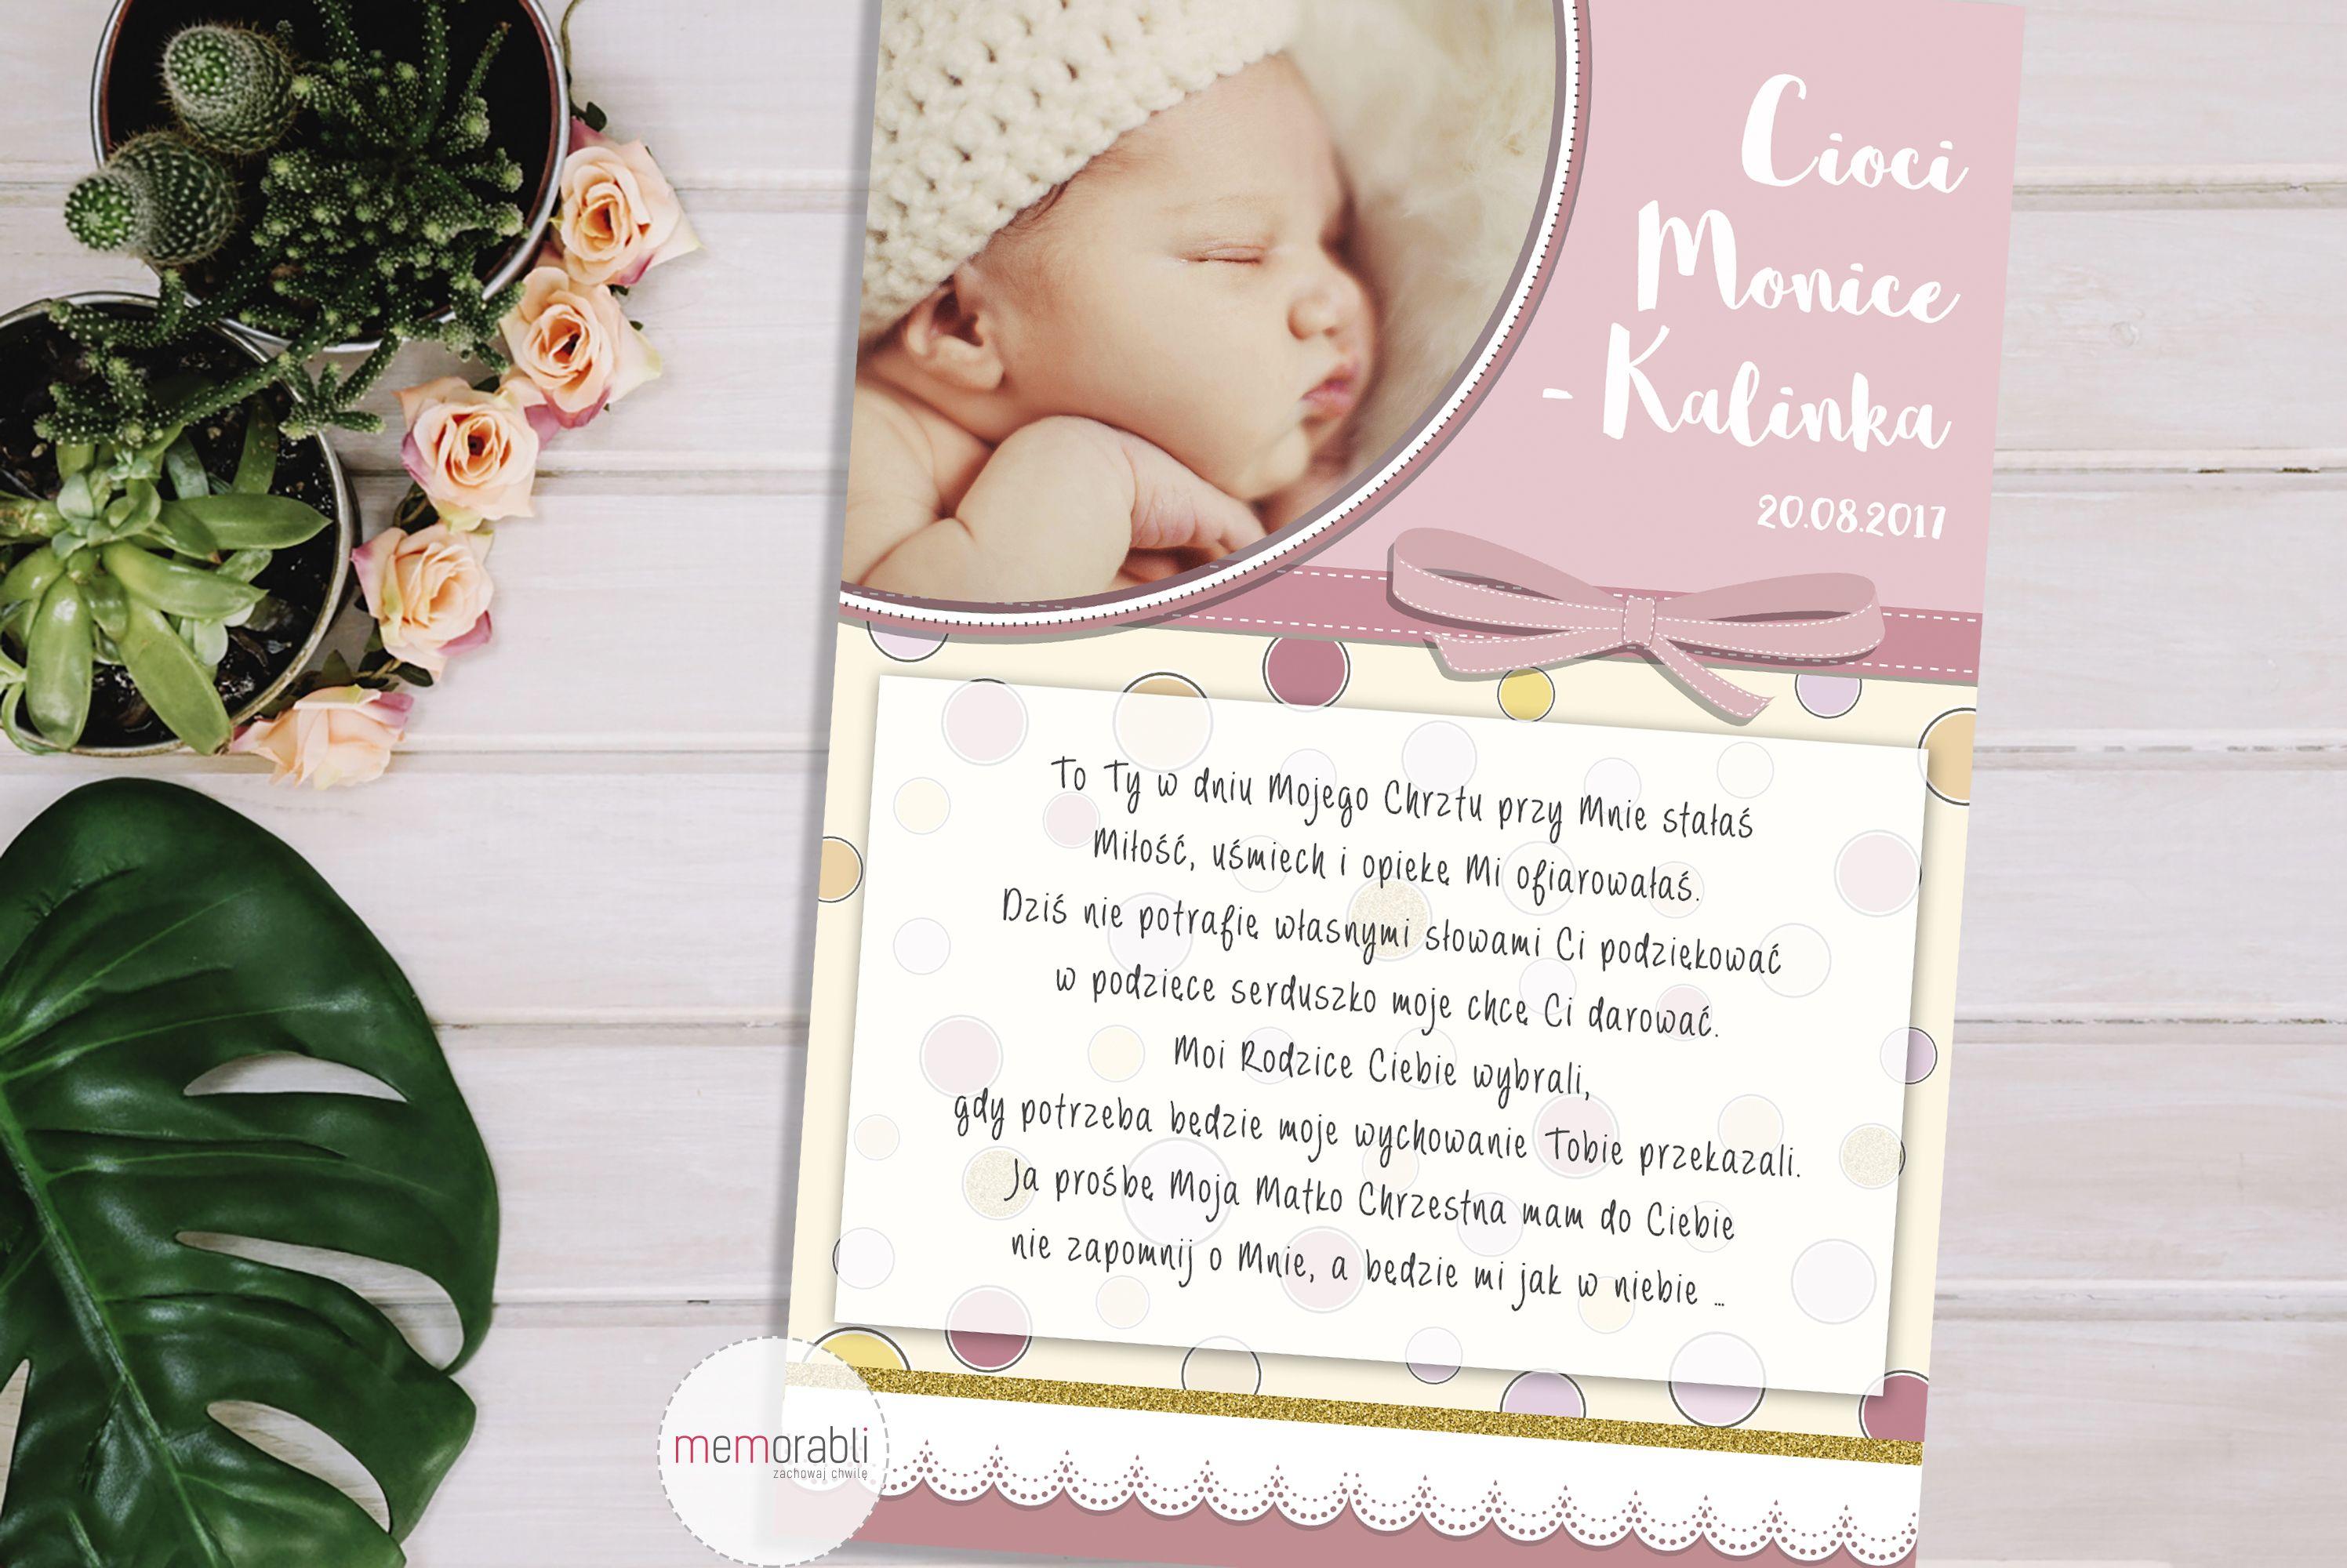 Plakat Z Podziekowaniami Dla Matki Ojca Chrzestnego Plakat